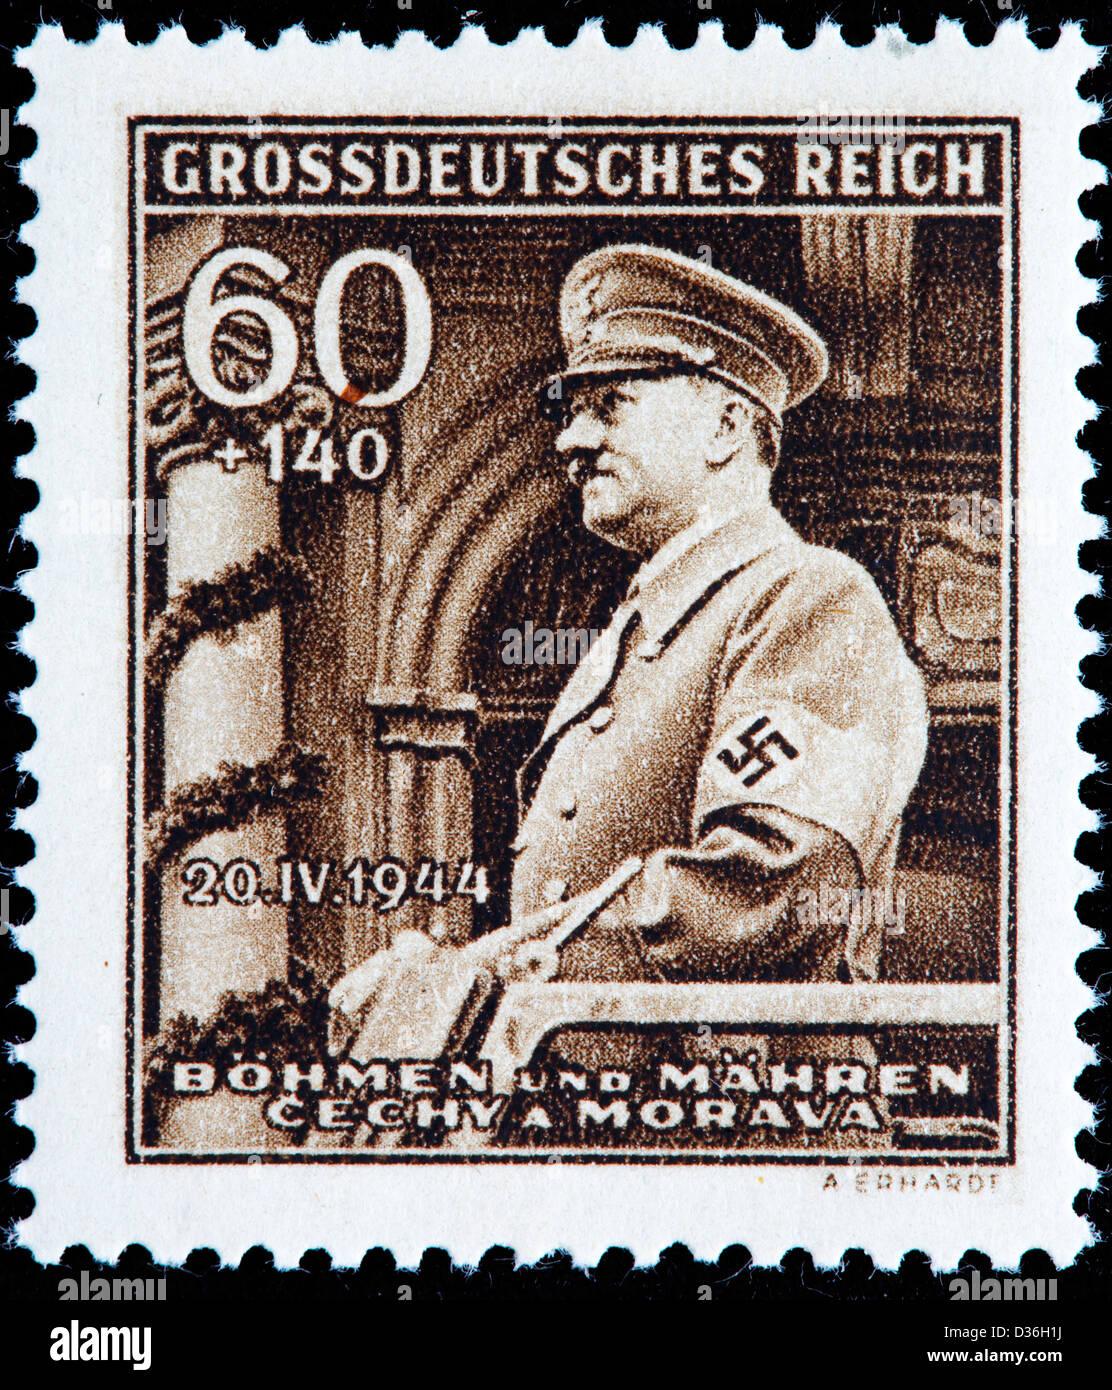 Adolf Hitler, postage stamp, Bohemia and Moravia, 1944 - Stock Image